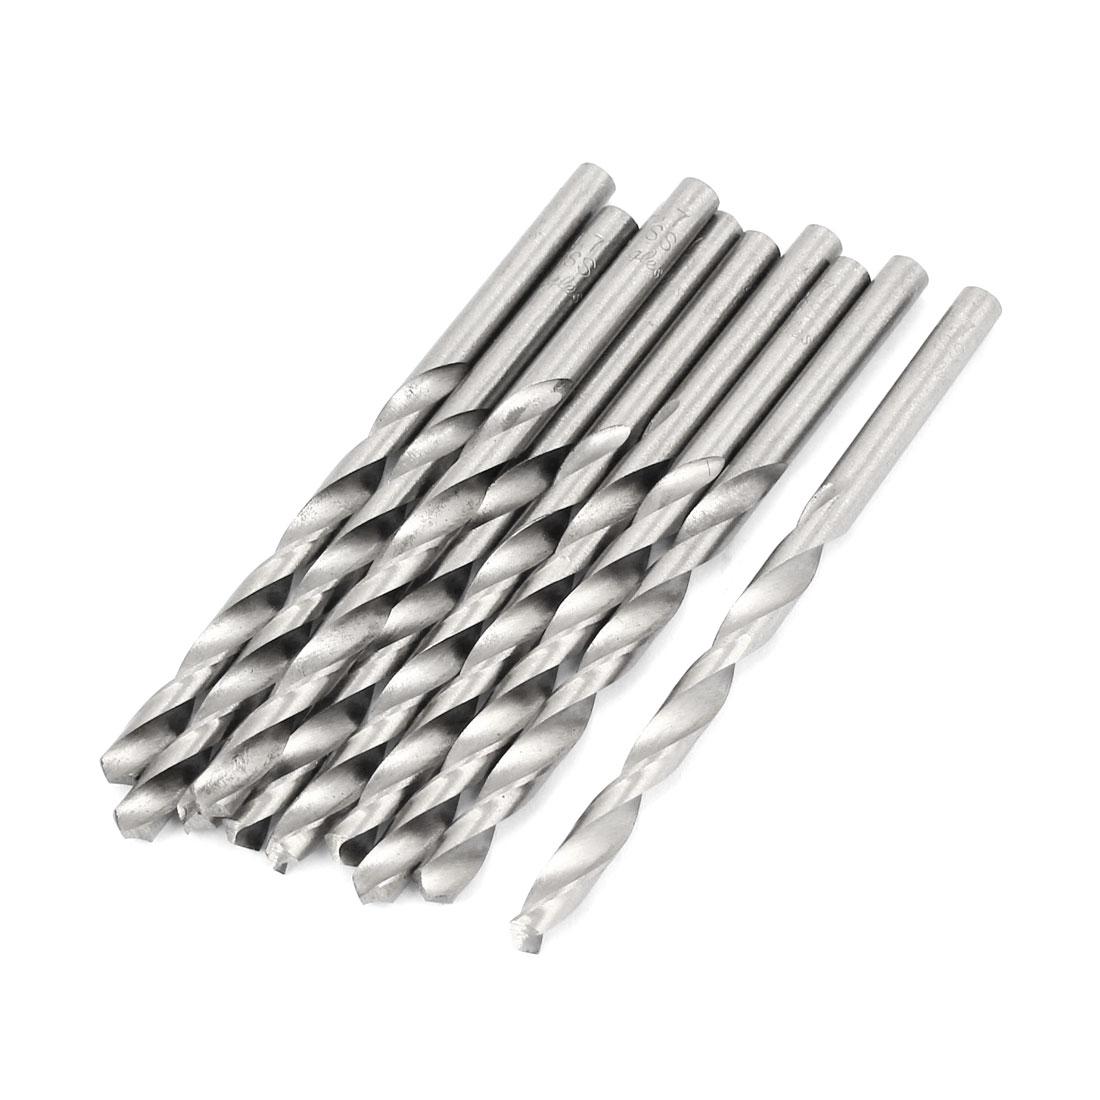 4.7mm x 55mm Straight Shank HSS Twist Drill Drilling Bits Silver Tone 10pcs